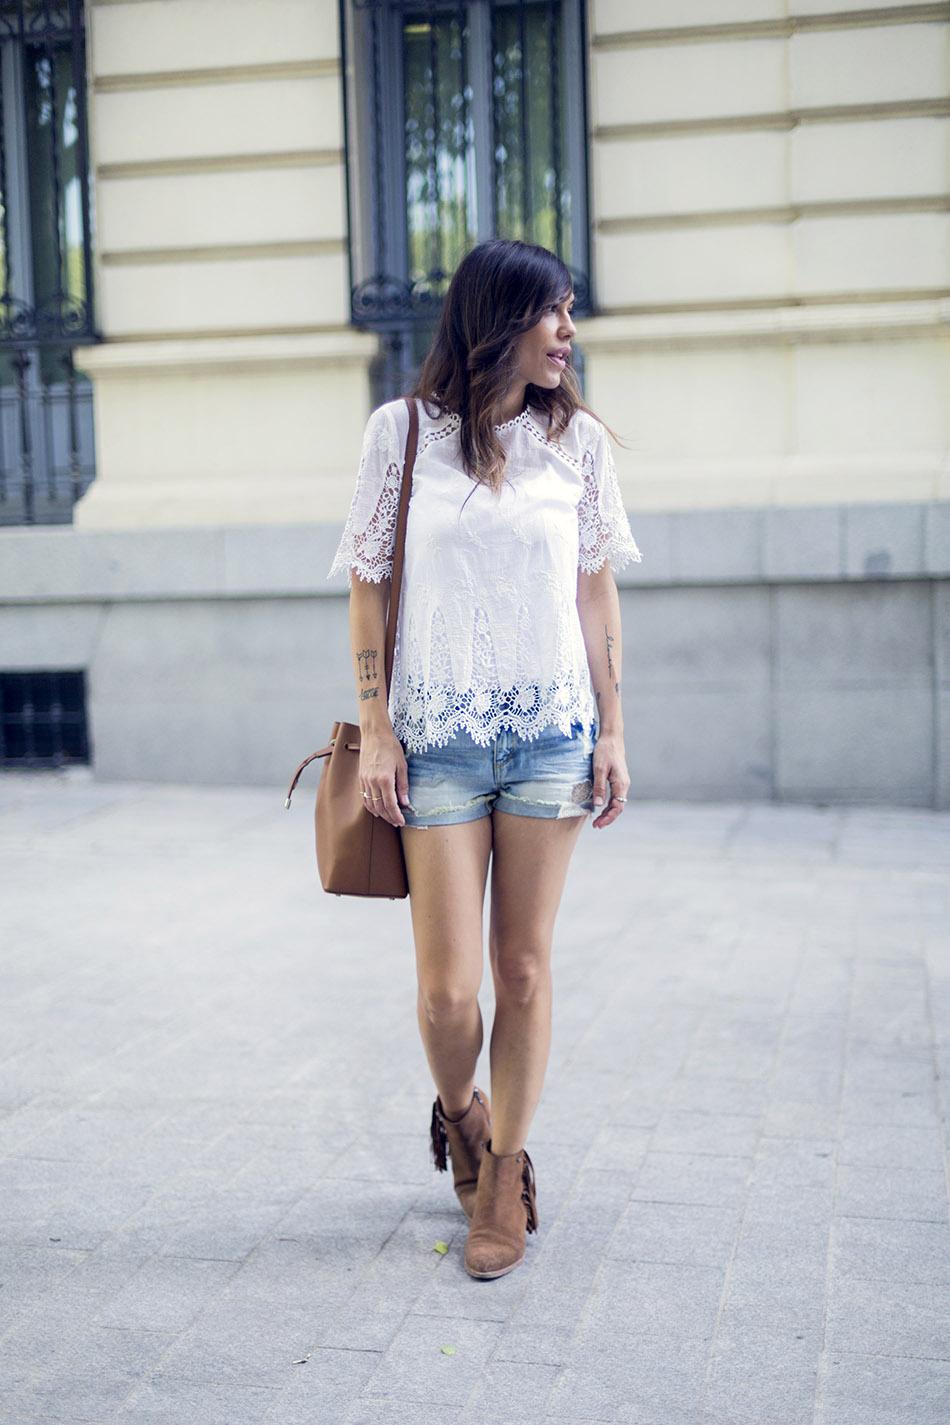 look de street style con shorts desgastados en tejido denim, blusa blanch con detalle de calados o crochet y abertura en la espalda y botines